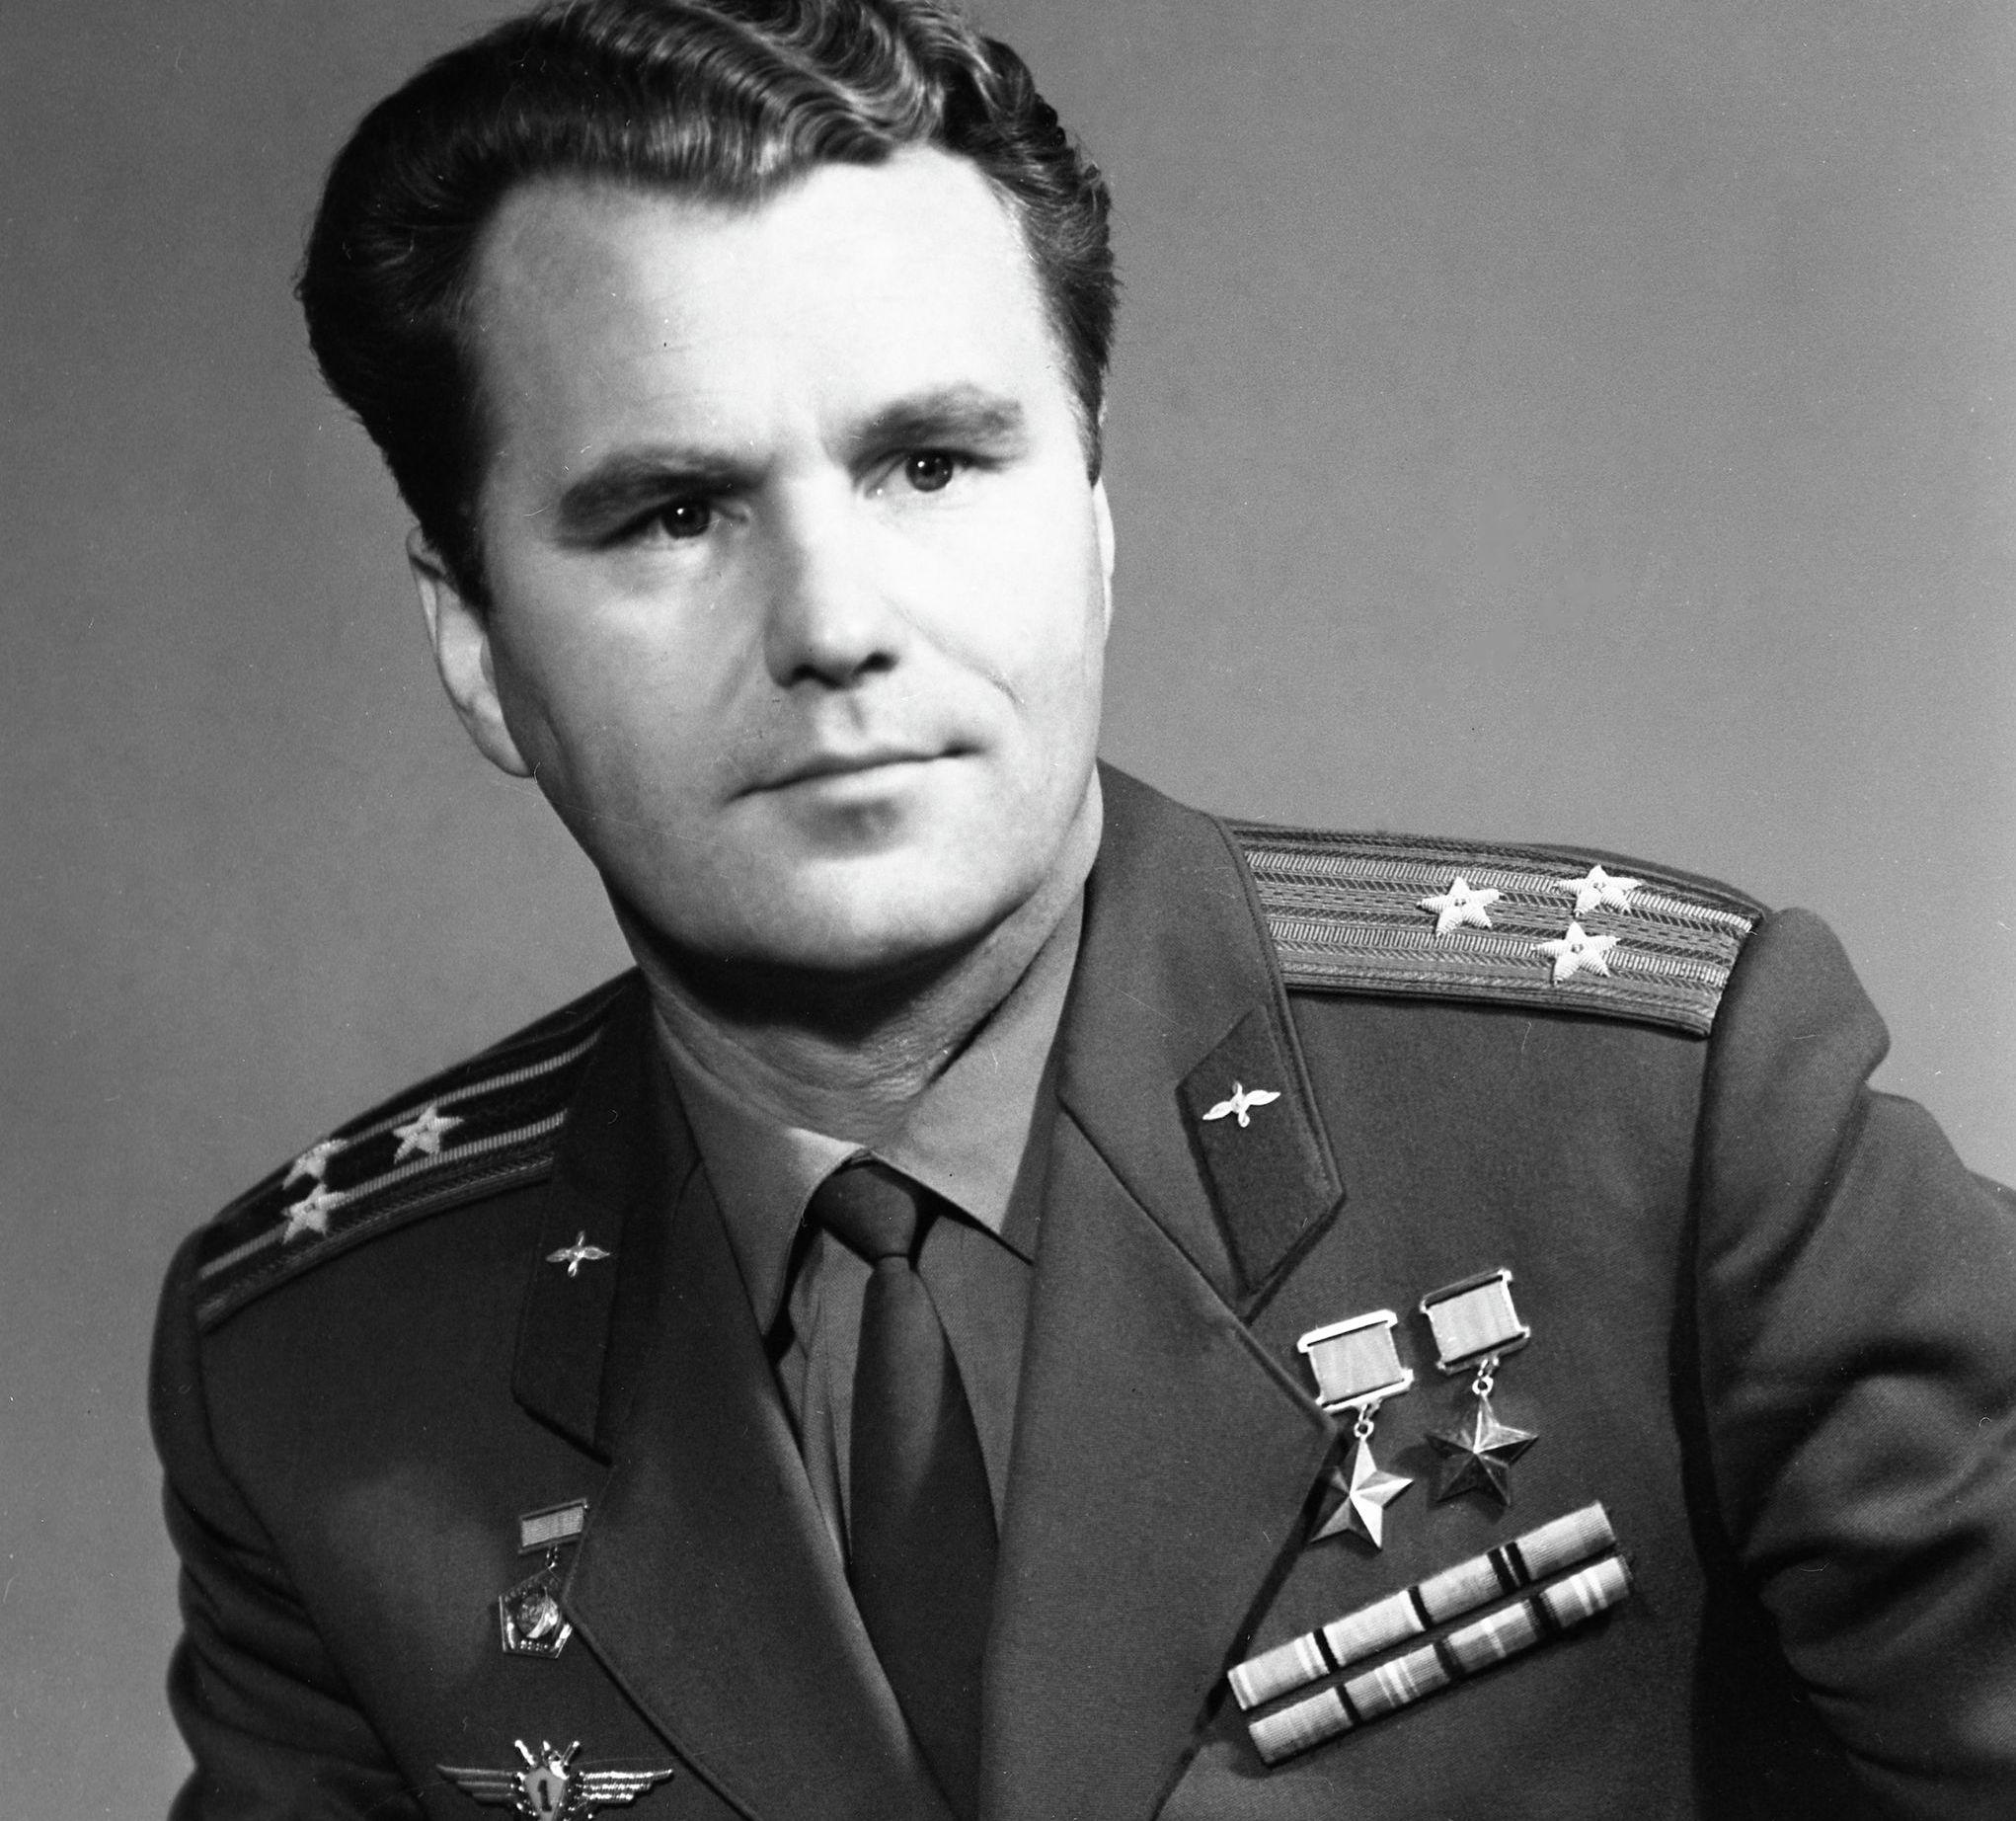 Летчик-космонавт СССР, дважды Герой Советского Союза, полковник Владимир Шаталов